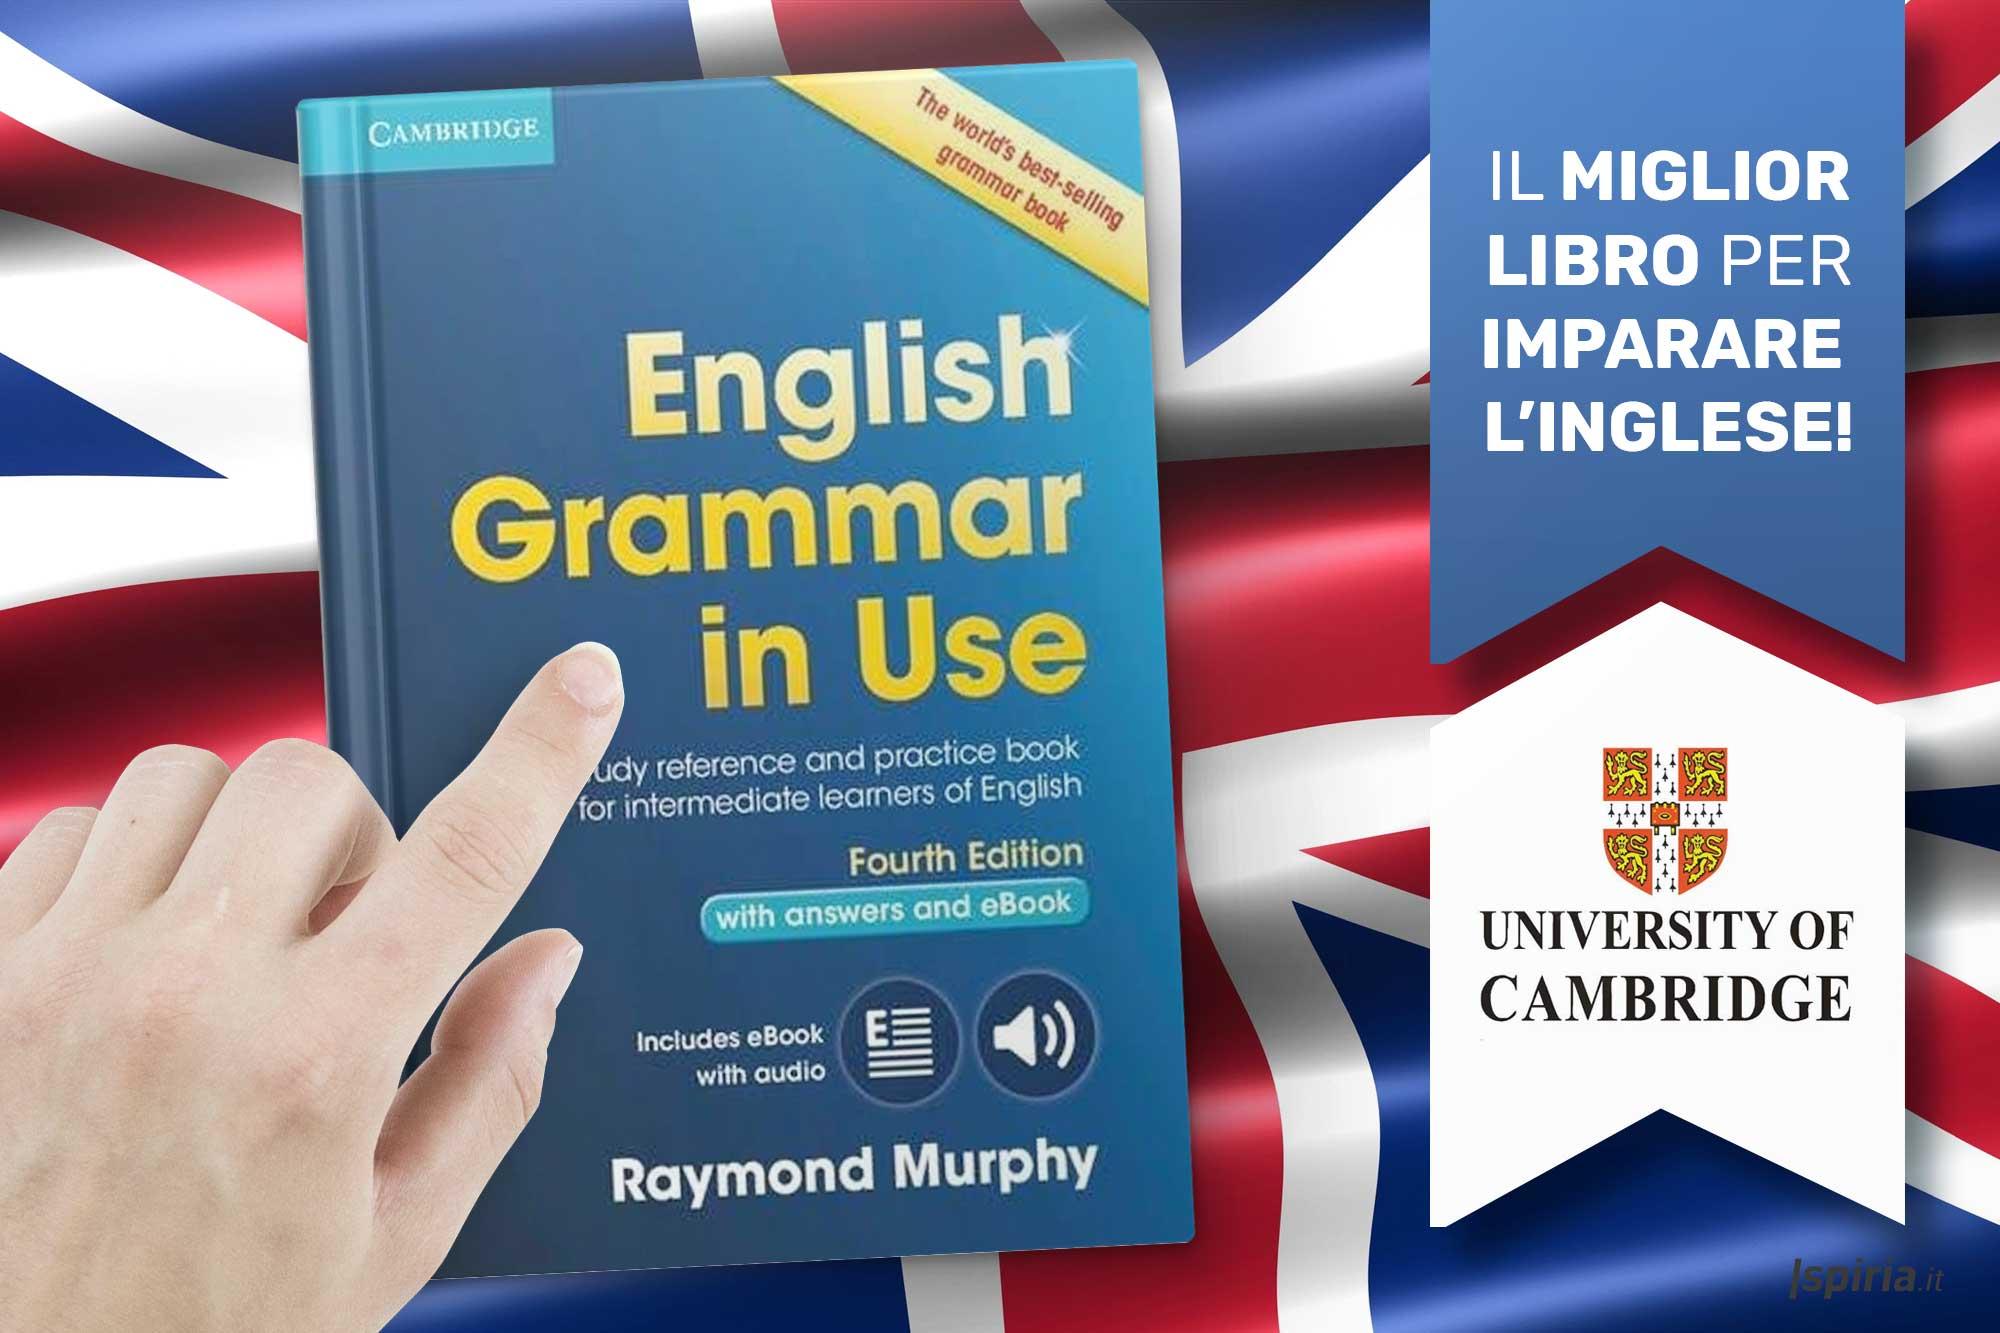 Migliori Libri Per Imparare L'inglese | Il Libro Davvero Utile Per Studiare La Lingua Inglese